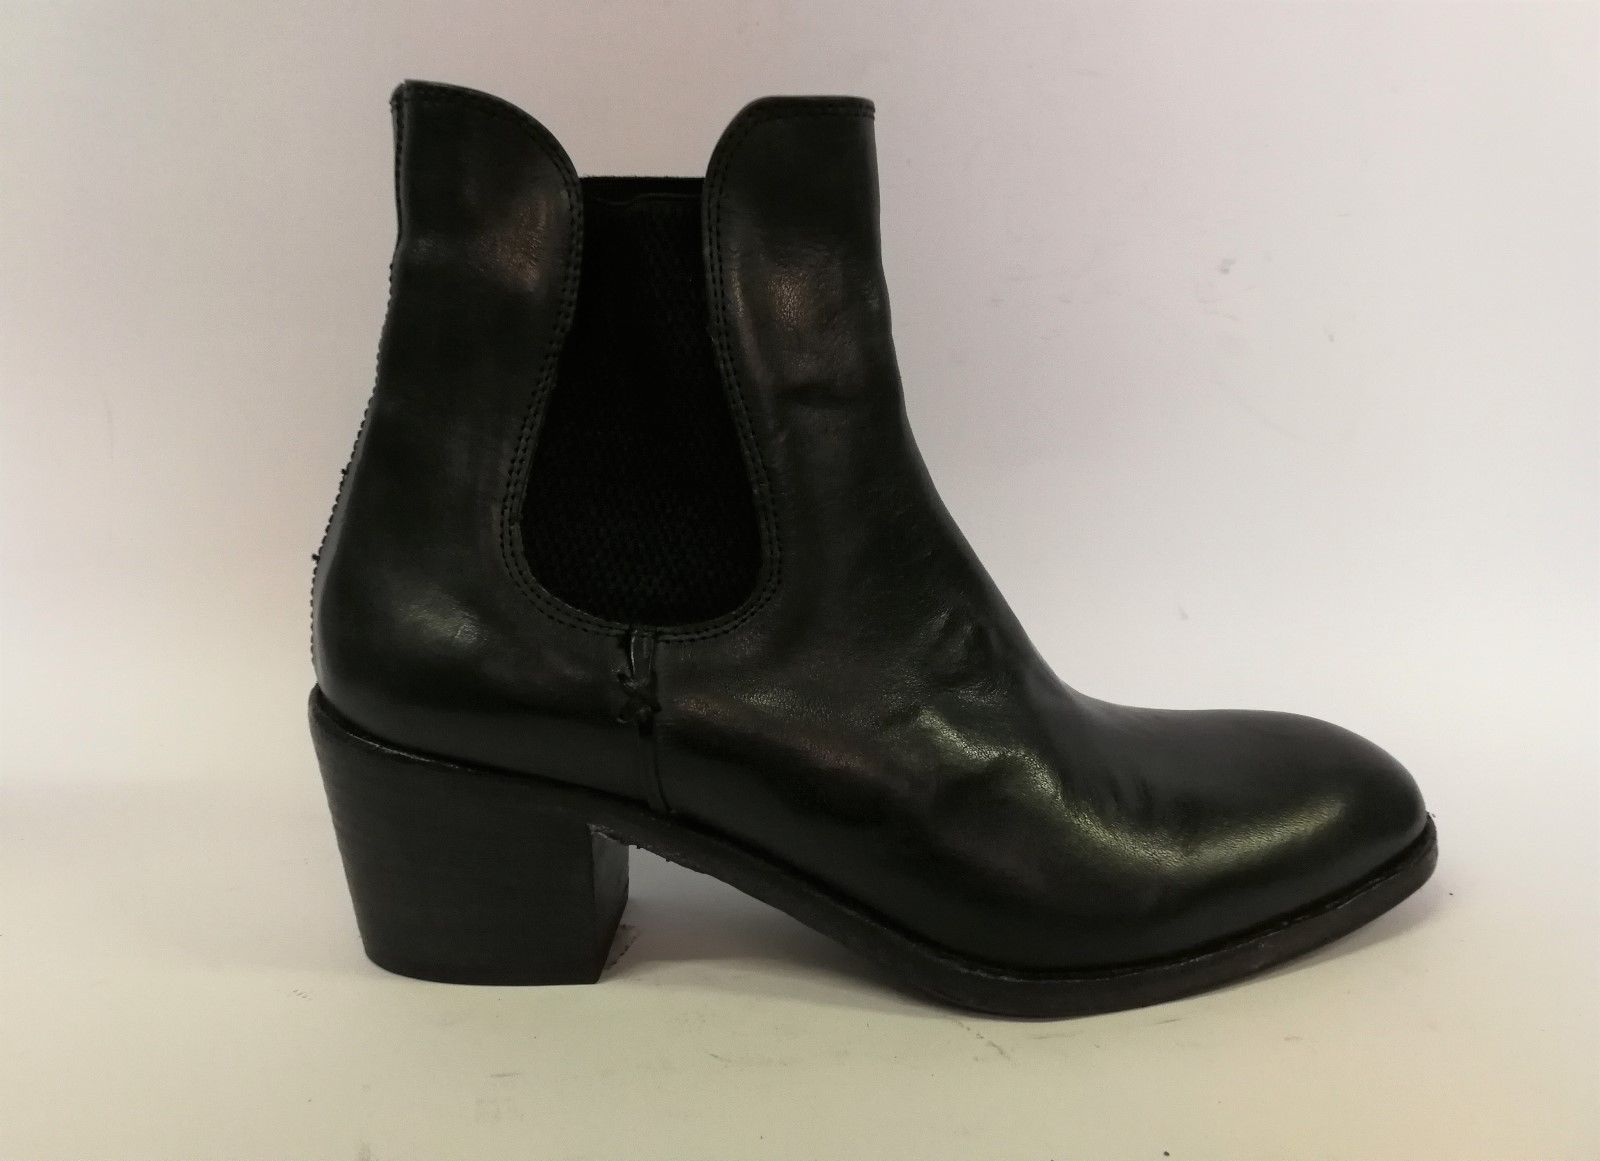 Cavallini 5257 stivaletto elastico in pelle  con elastico stivaletto nero / verd 3a33cf